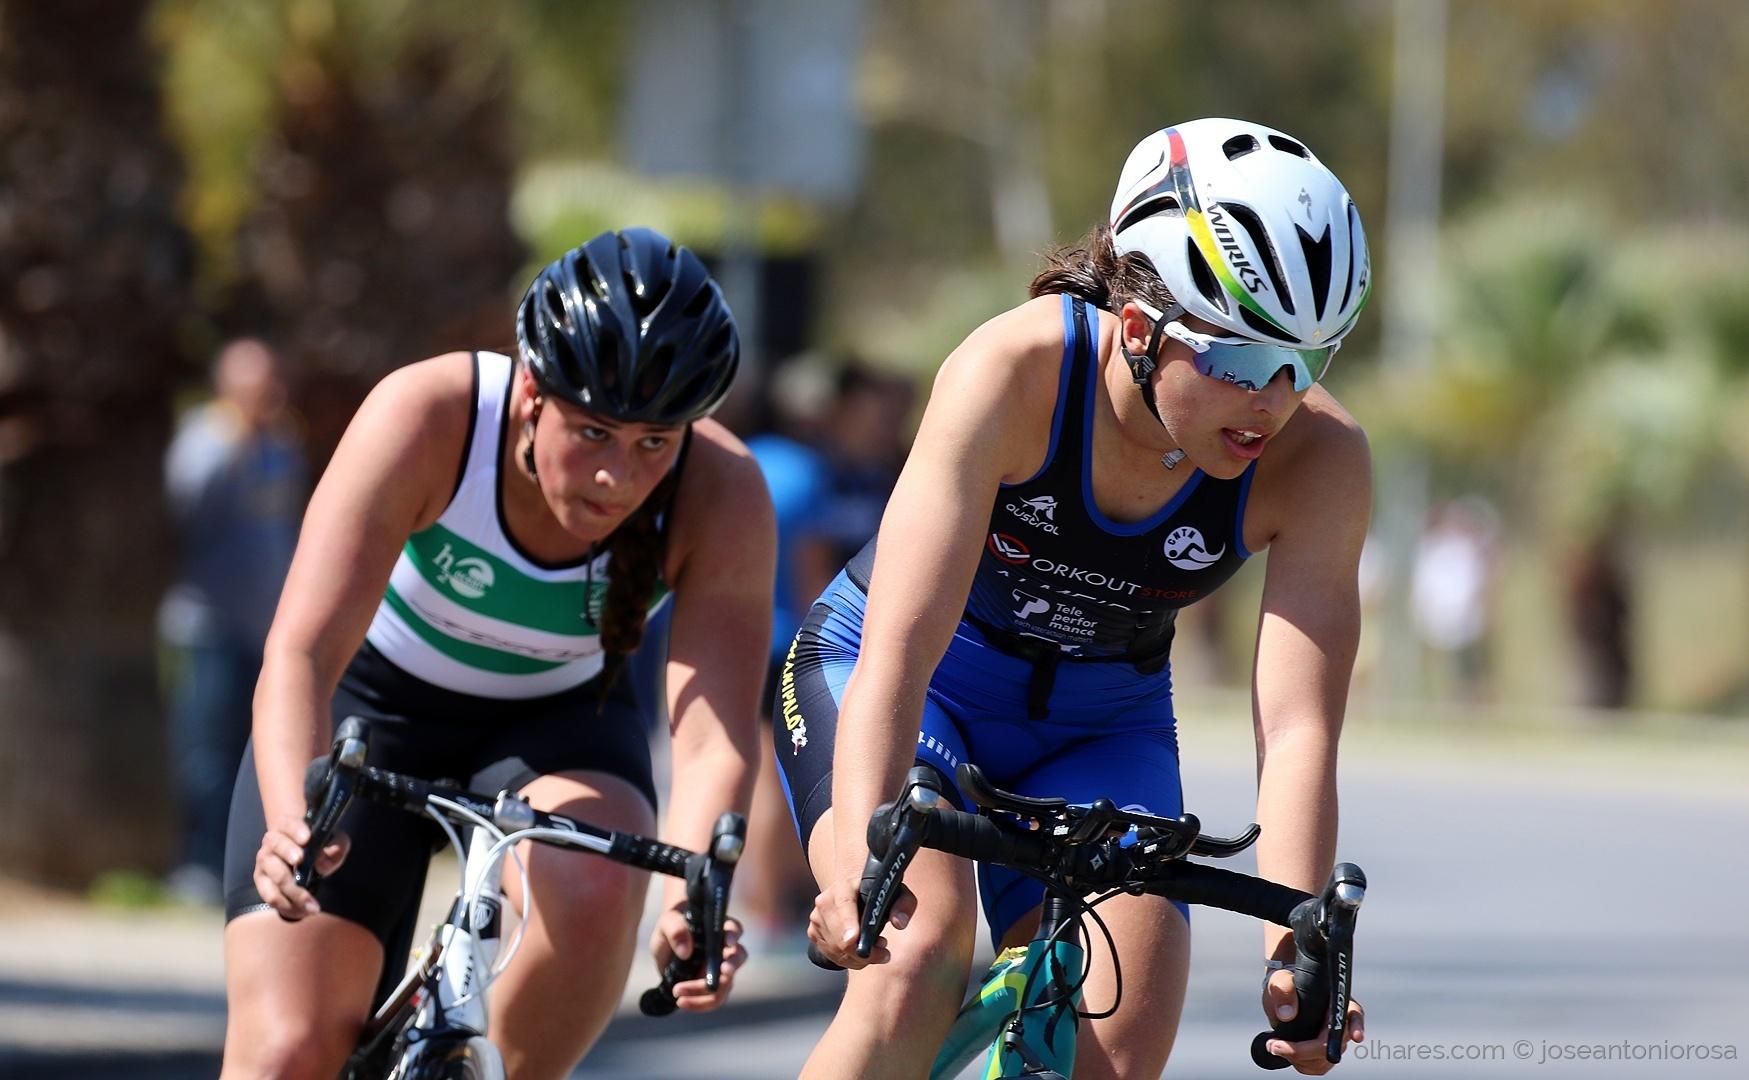 Desporto e Ação/Triatlo feminino - 10